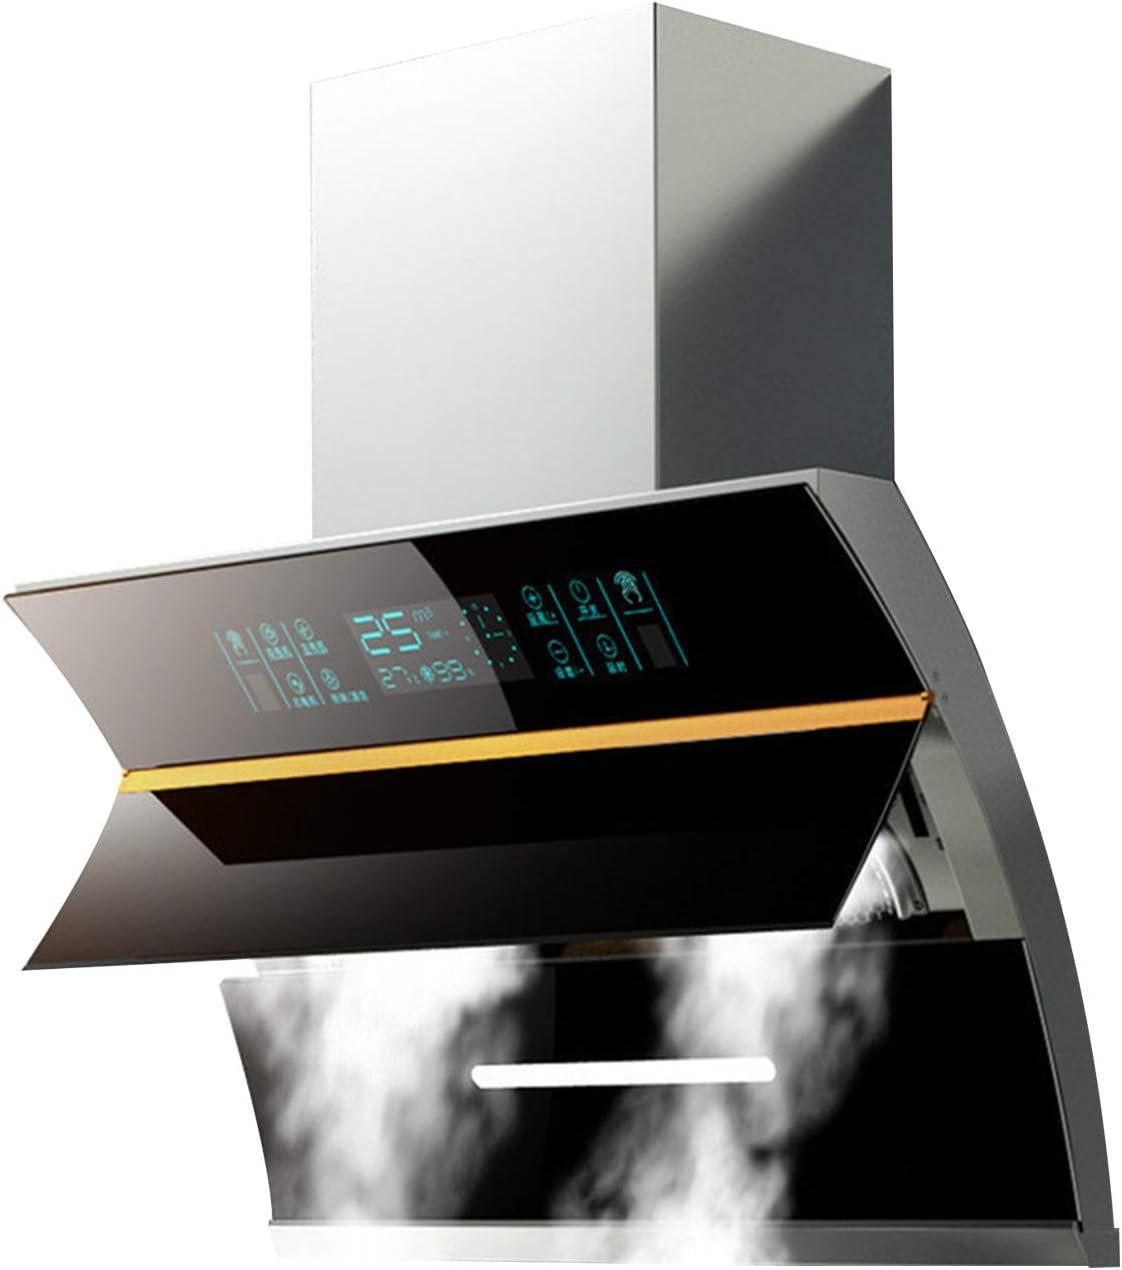 SXYY Campana Extractora Decorativa, 25m³ / Min Negra Campana Extractora De 90 Cm para Cocinas Domésticas, Tapa De Apertura Automática para Fumar 58 Decibelios Bajos, Limpieza Automática con Una Tecla